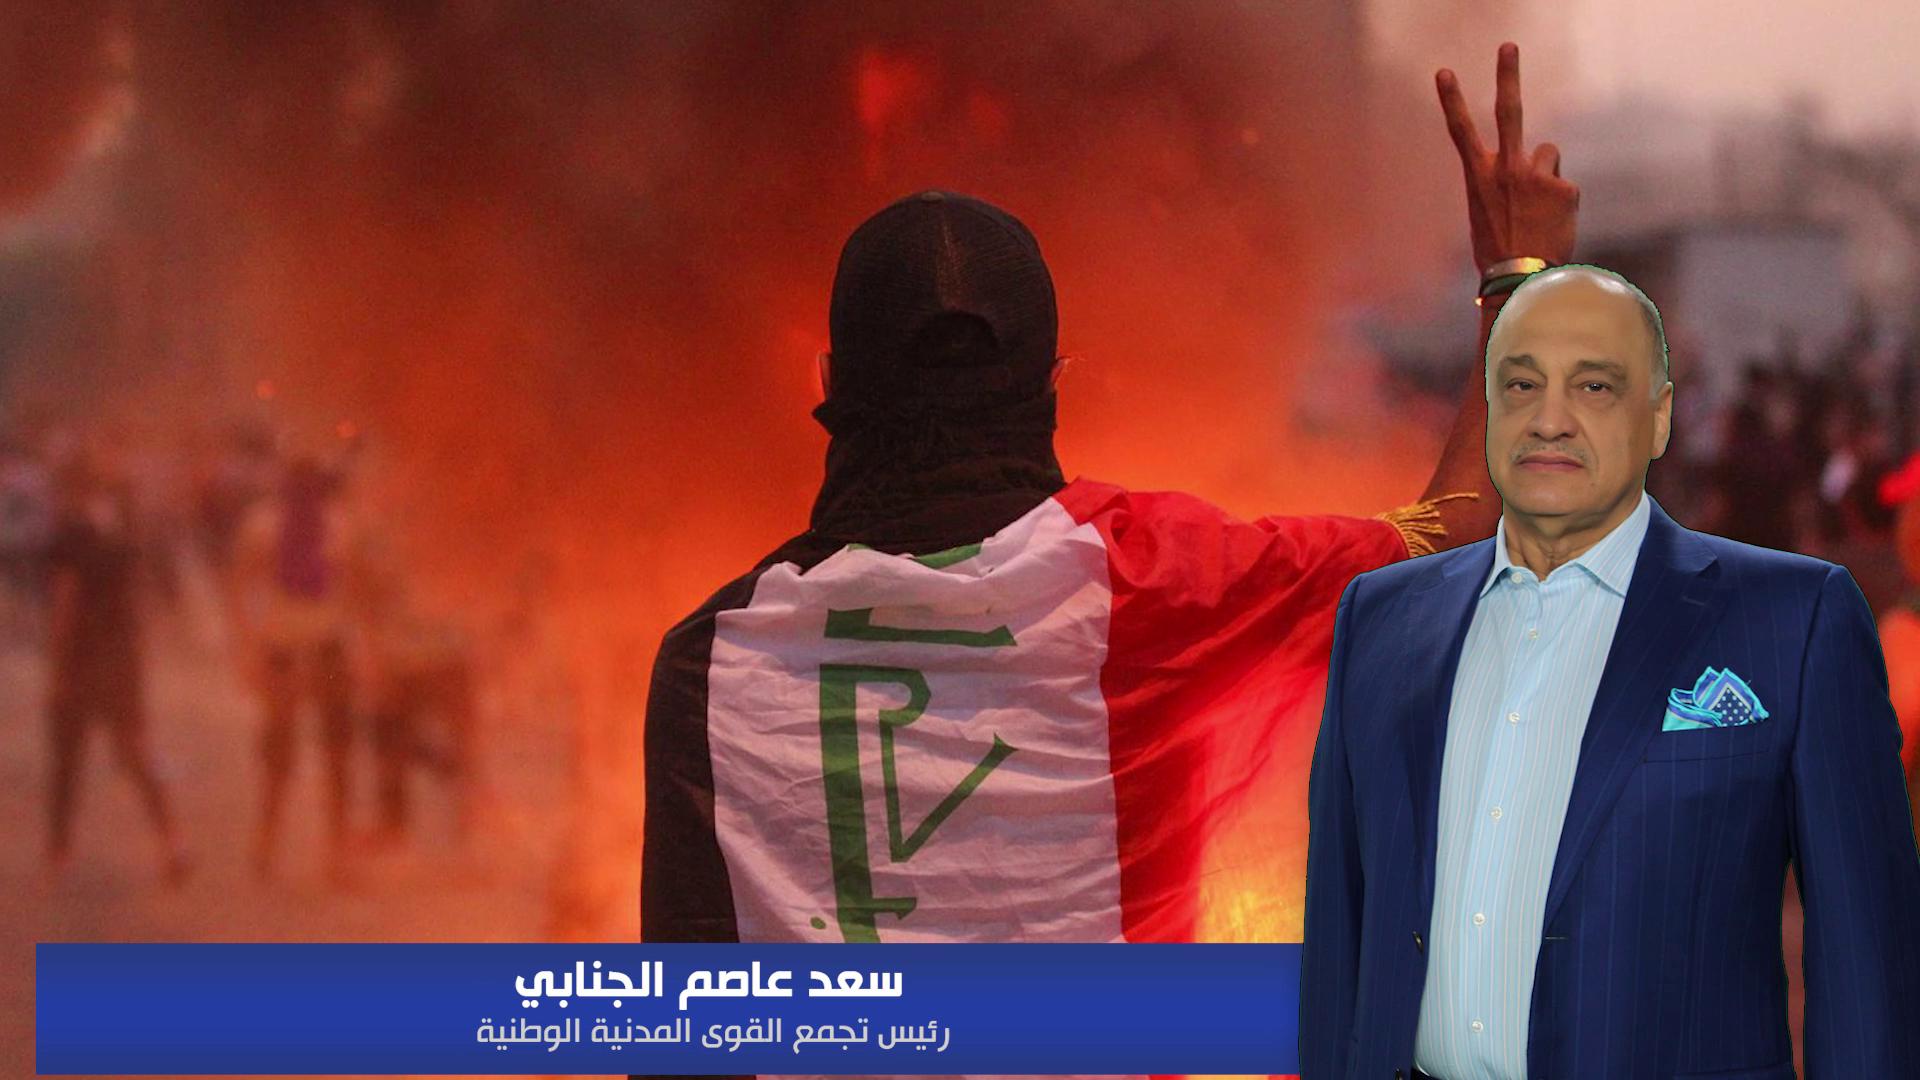 الاستاذ سعد عاصم الجنابي يوجه رسالة الى الحكومة ومتظاهري ساحة التحرير .